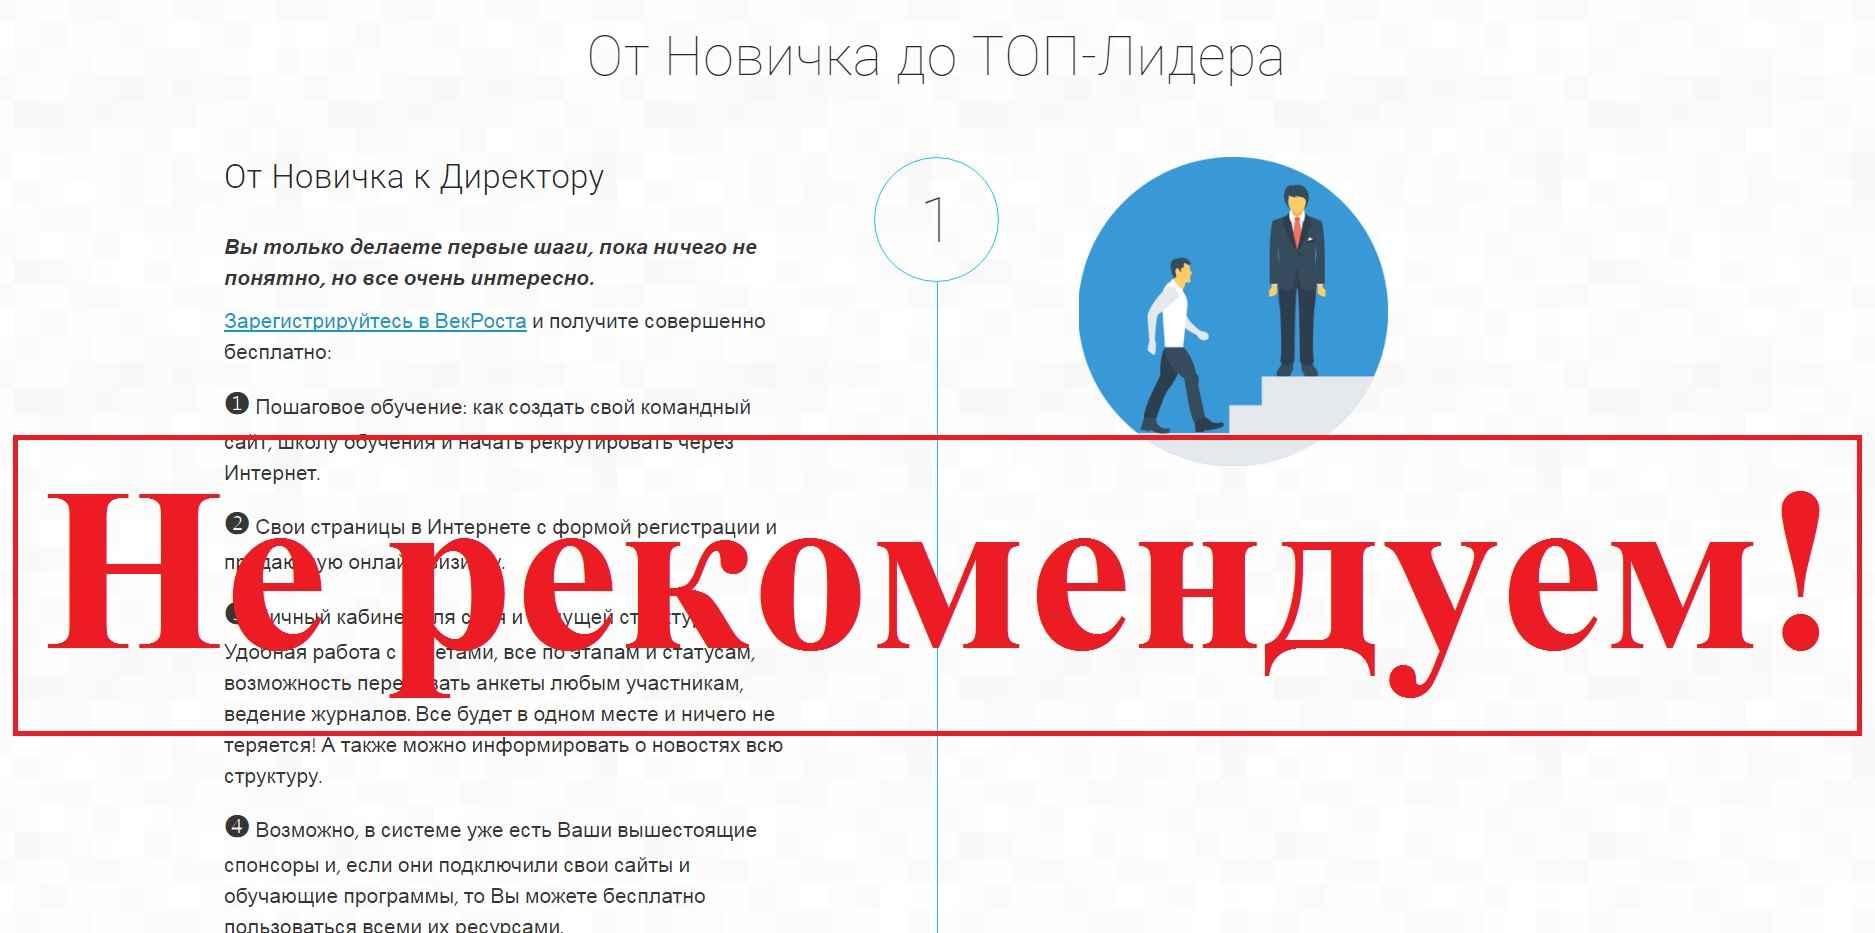 ВекРоста (vekrosta.ru) – реальные отзывы о МЛМ компании